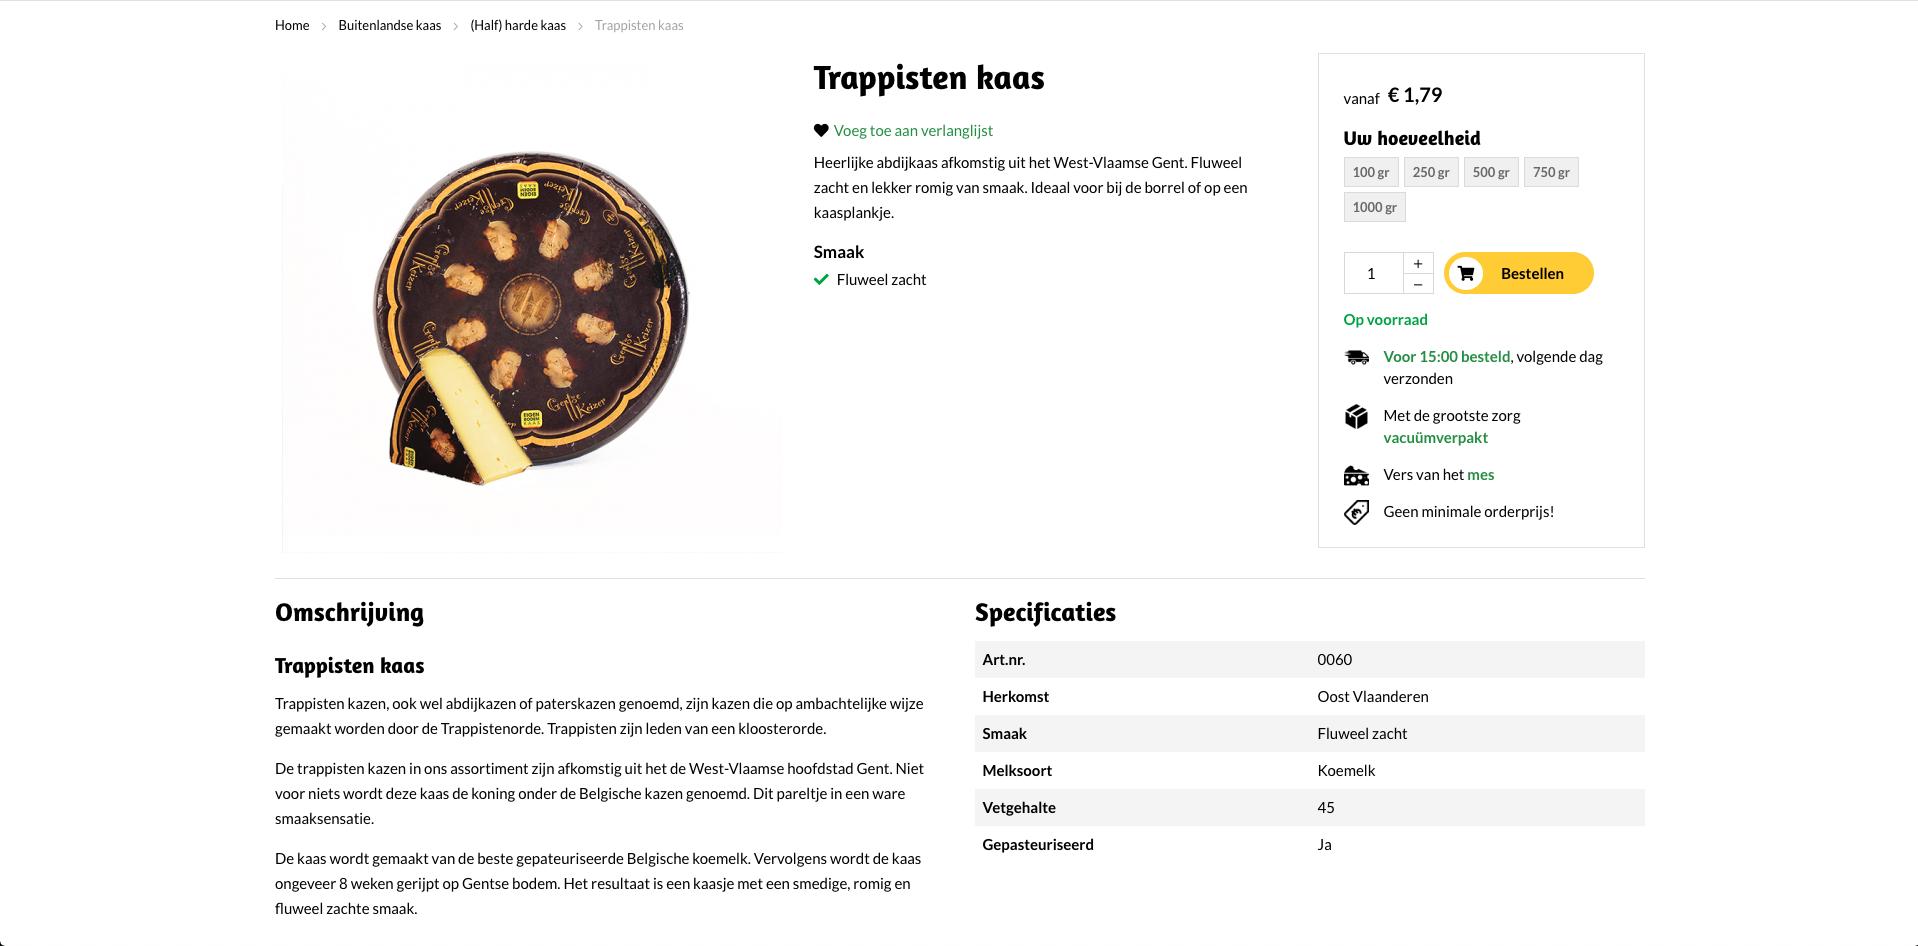 Productpagina webshop hoogendoornkaas